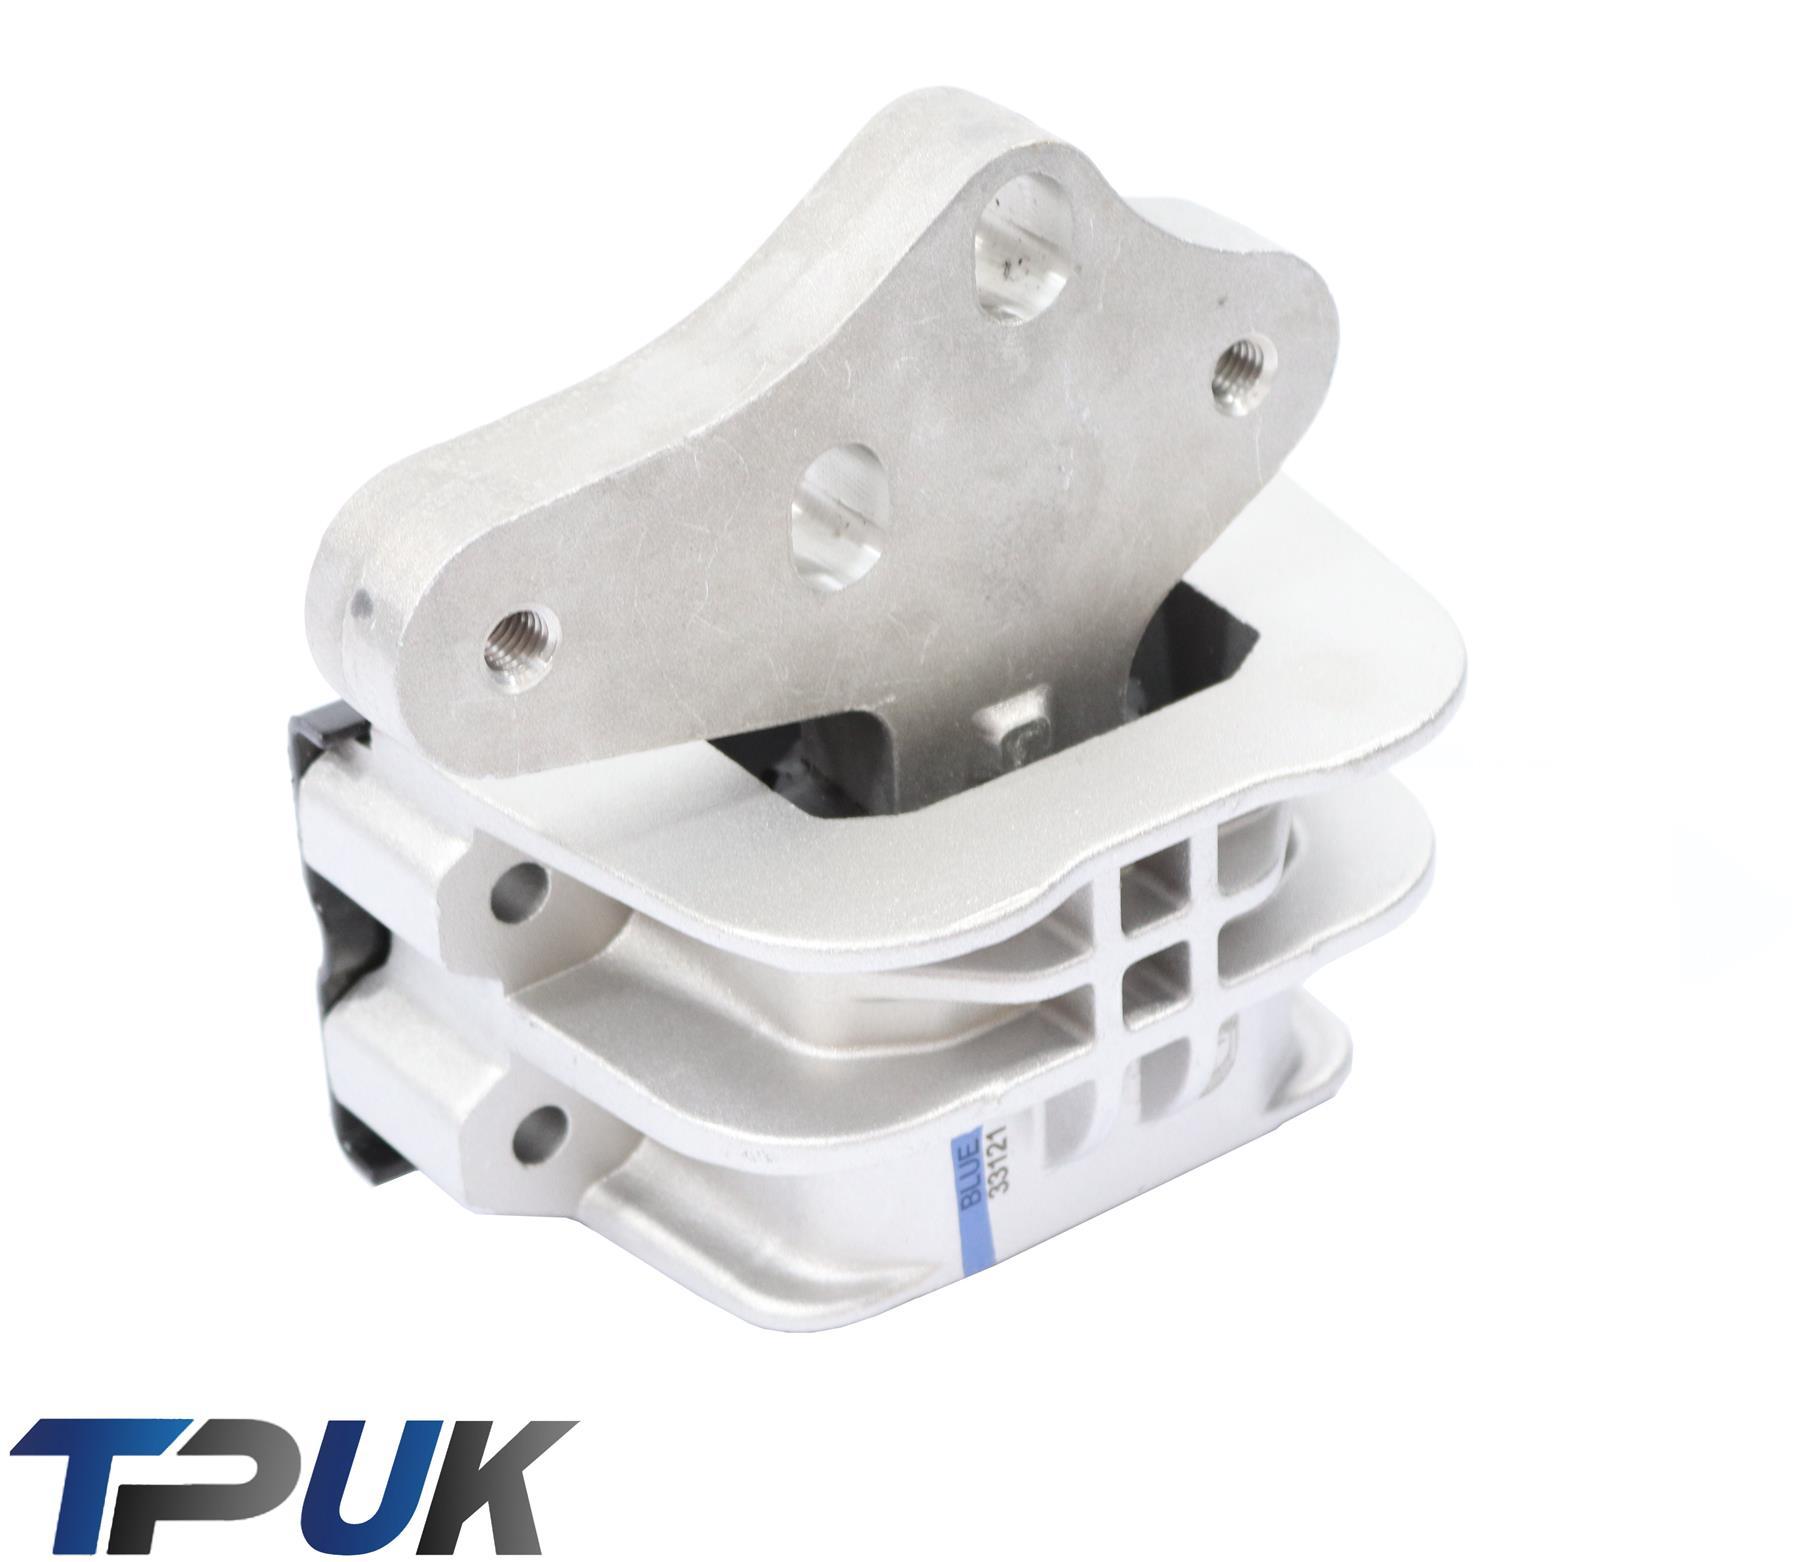 Nuevo soporte de la rueda de repuesto Ford Transit 2.2 FWD Personalizado 2012 en